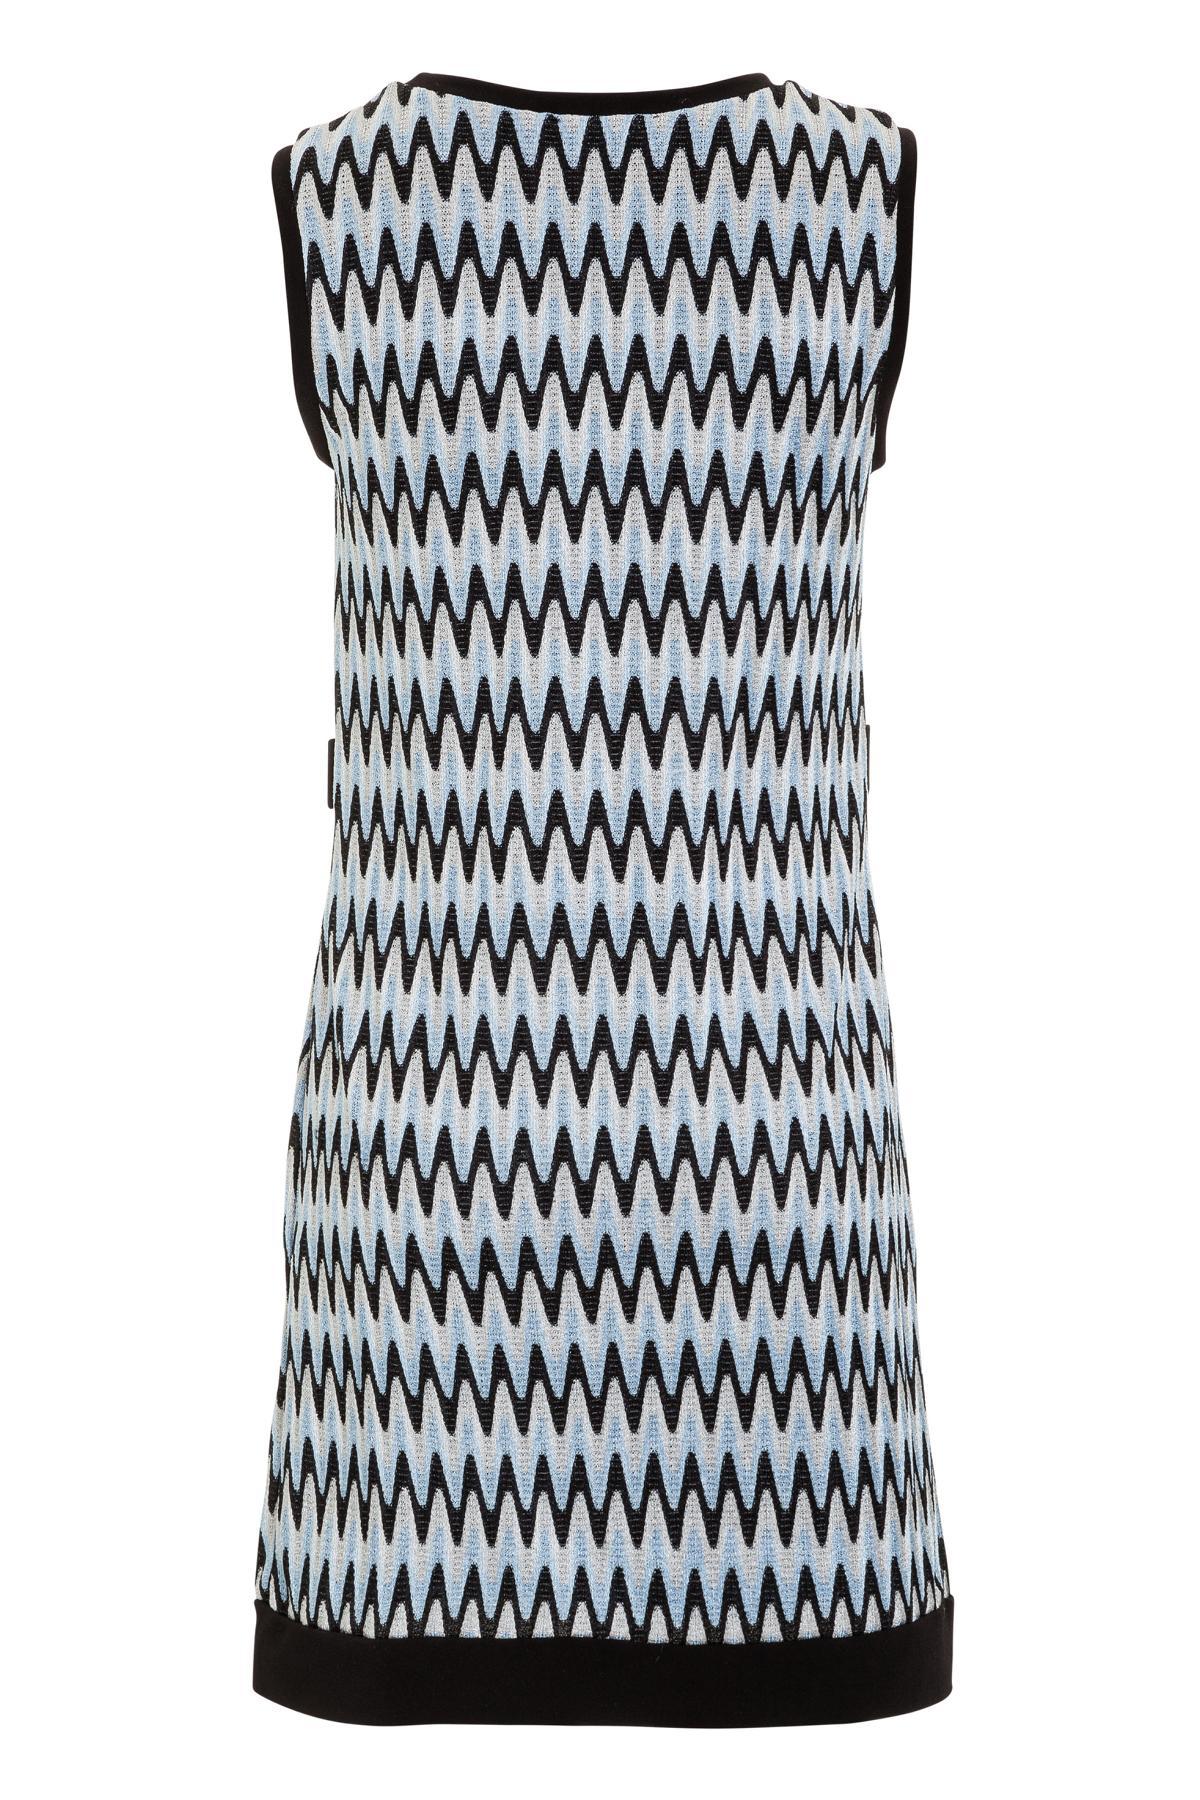 Rückansicht von Ana Alcazar A-Linien Kleid Mailyke